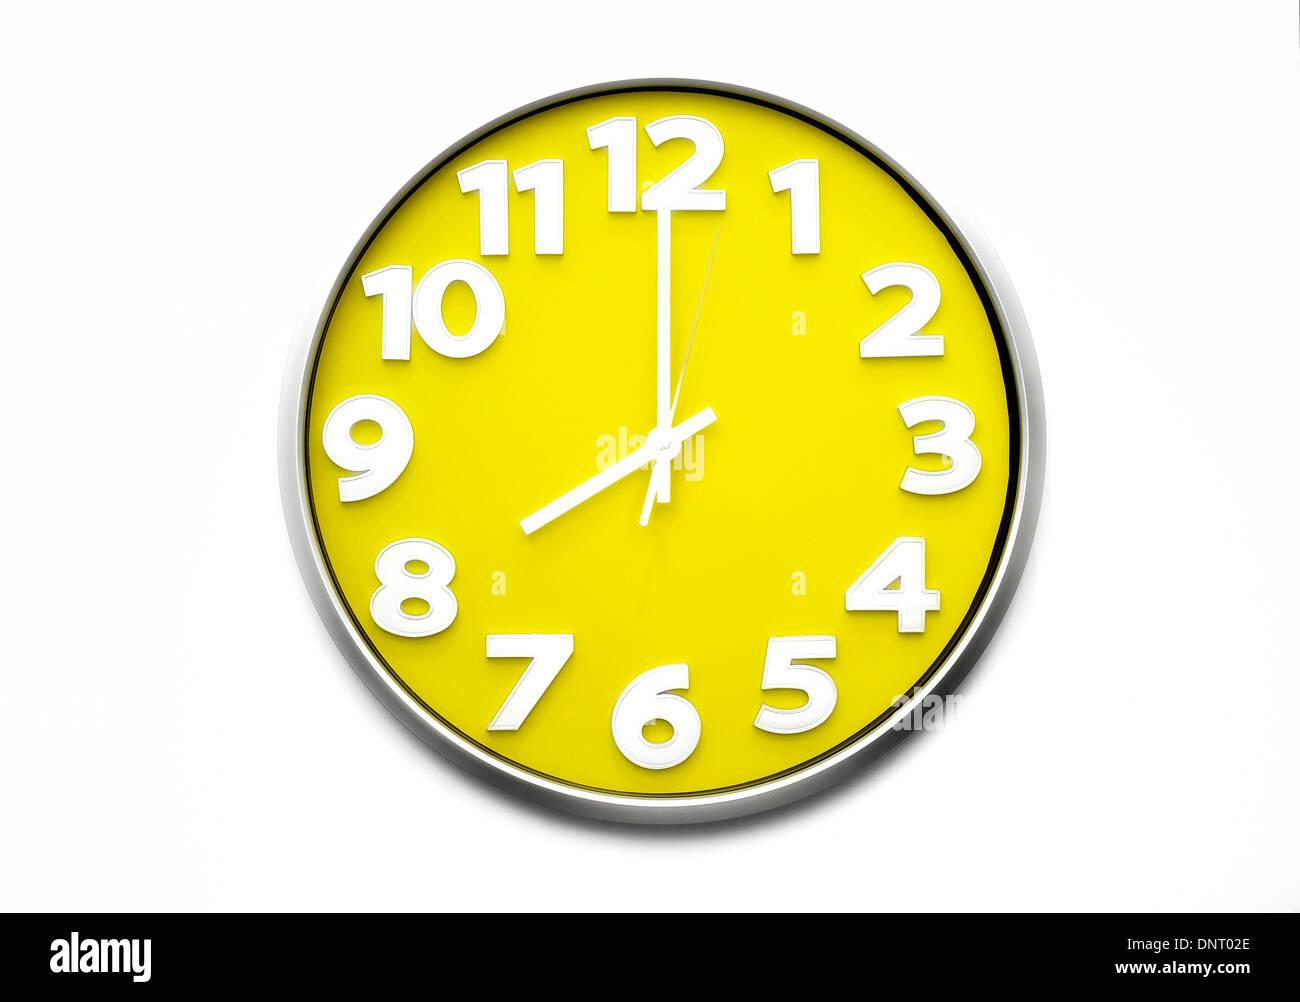 00 Clock Stock Photos & 00 Clock Stock Images